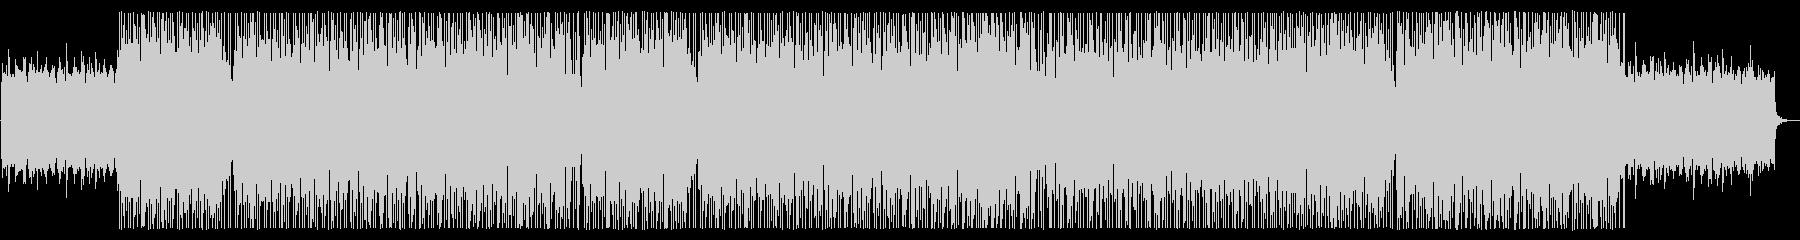 アジアンな広がりのあるシンセサイザーの曲の未再生の波形